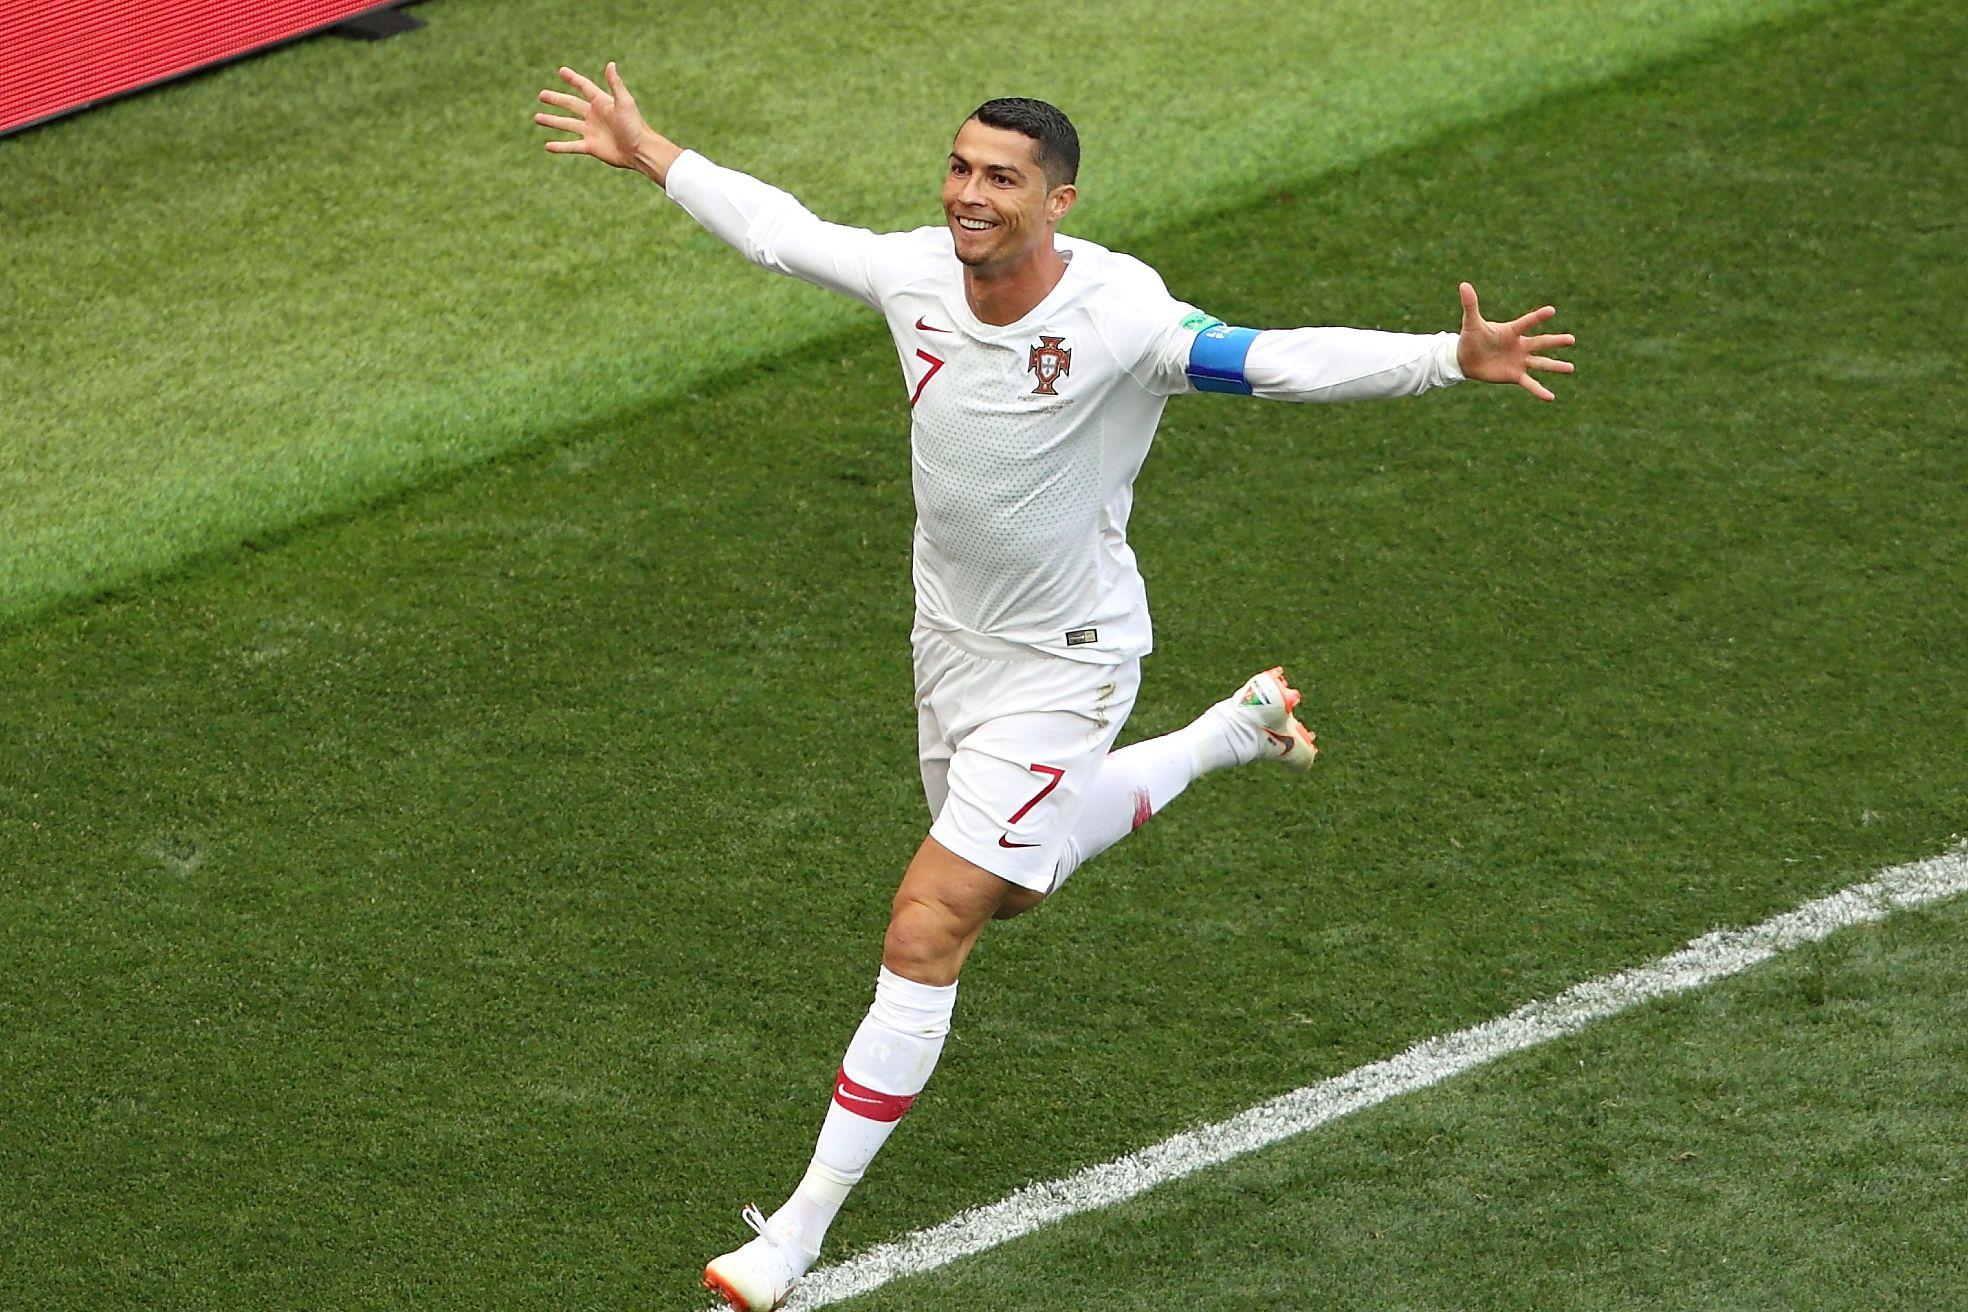 'Манчестер Юнайтед' собирается вернуть Роналду